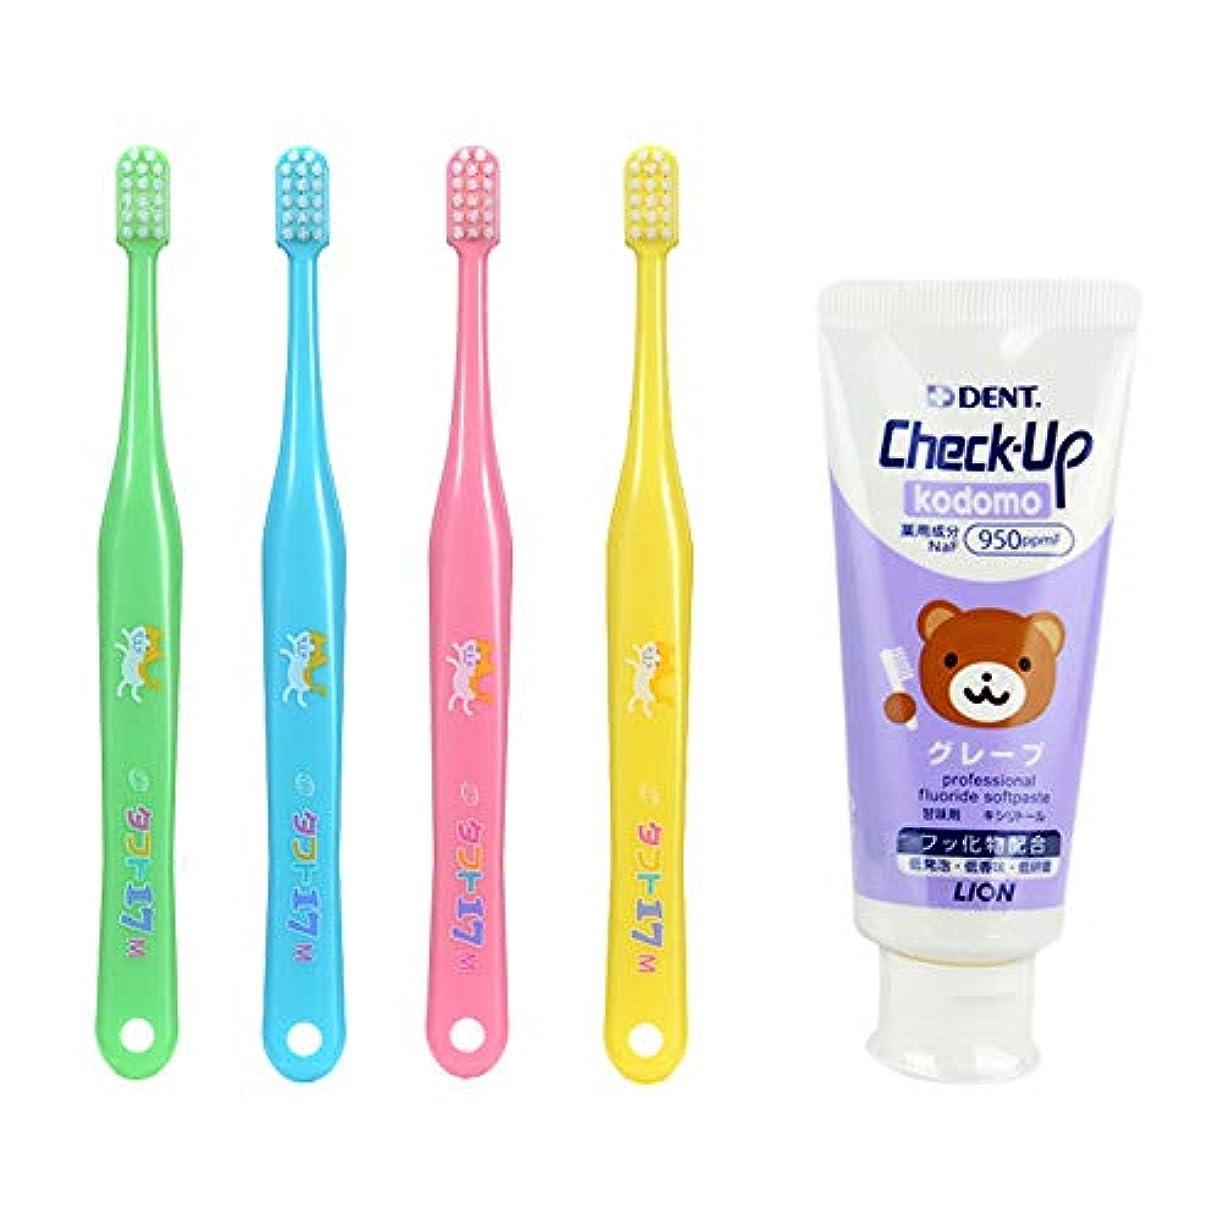 リファイン財団車タフト17 M(ふつう) 子ども 歯ブラシ 10本 + チェックアップ コドモ 60g (グレープ) 歯磨き粉 歯科専売品